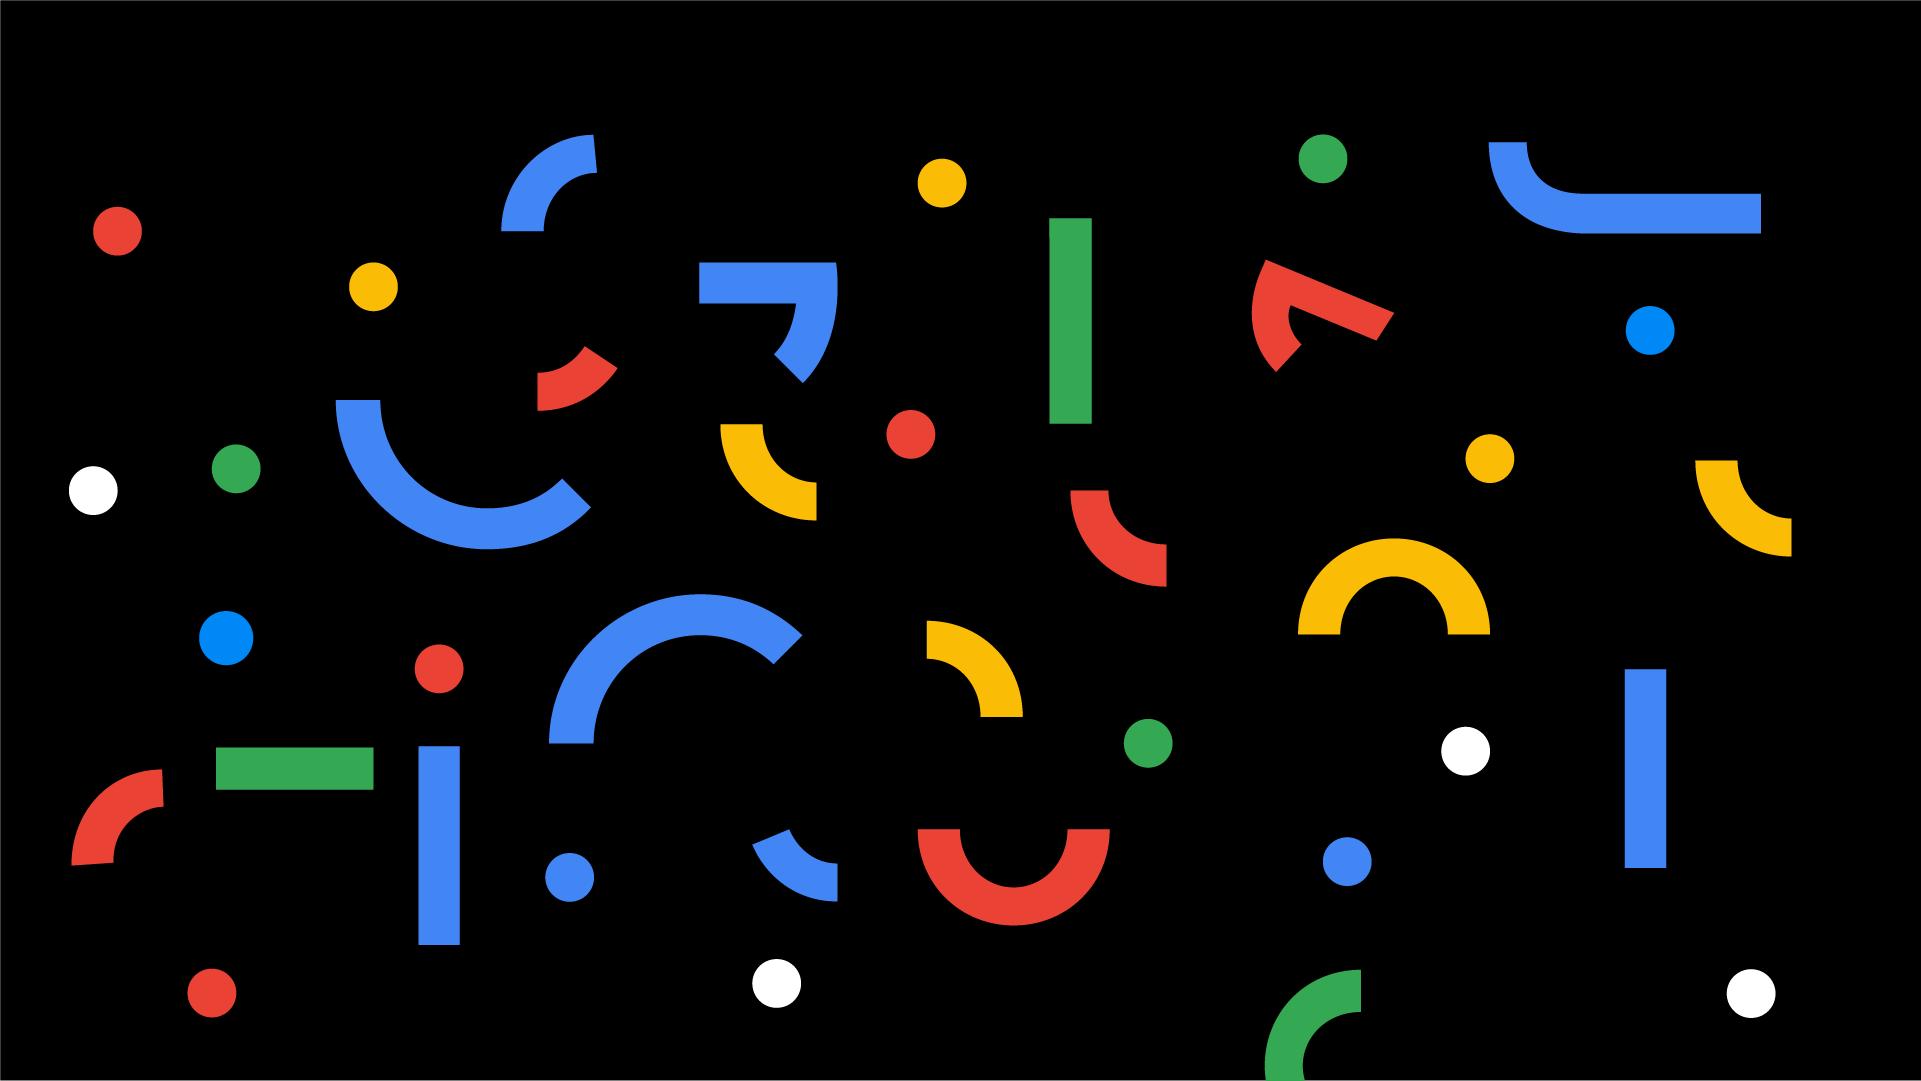 googleaiga.png